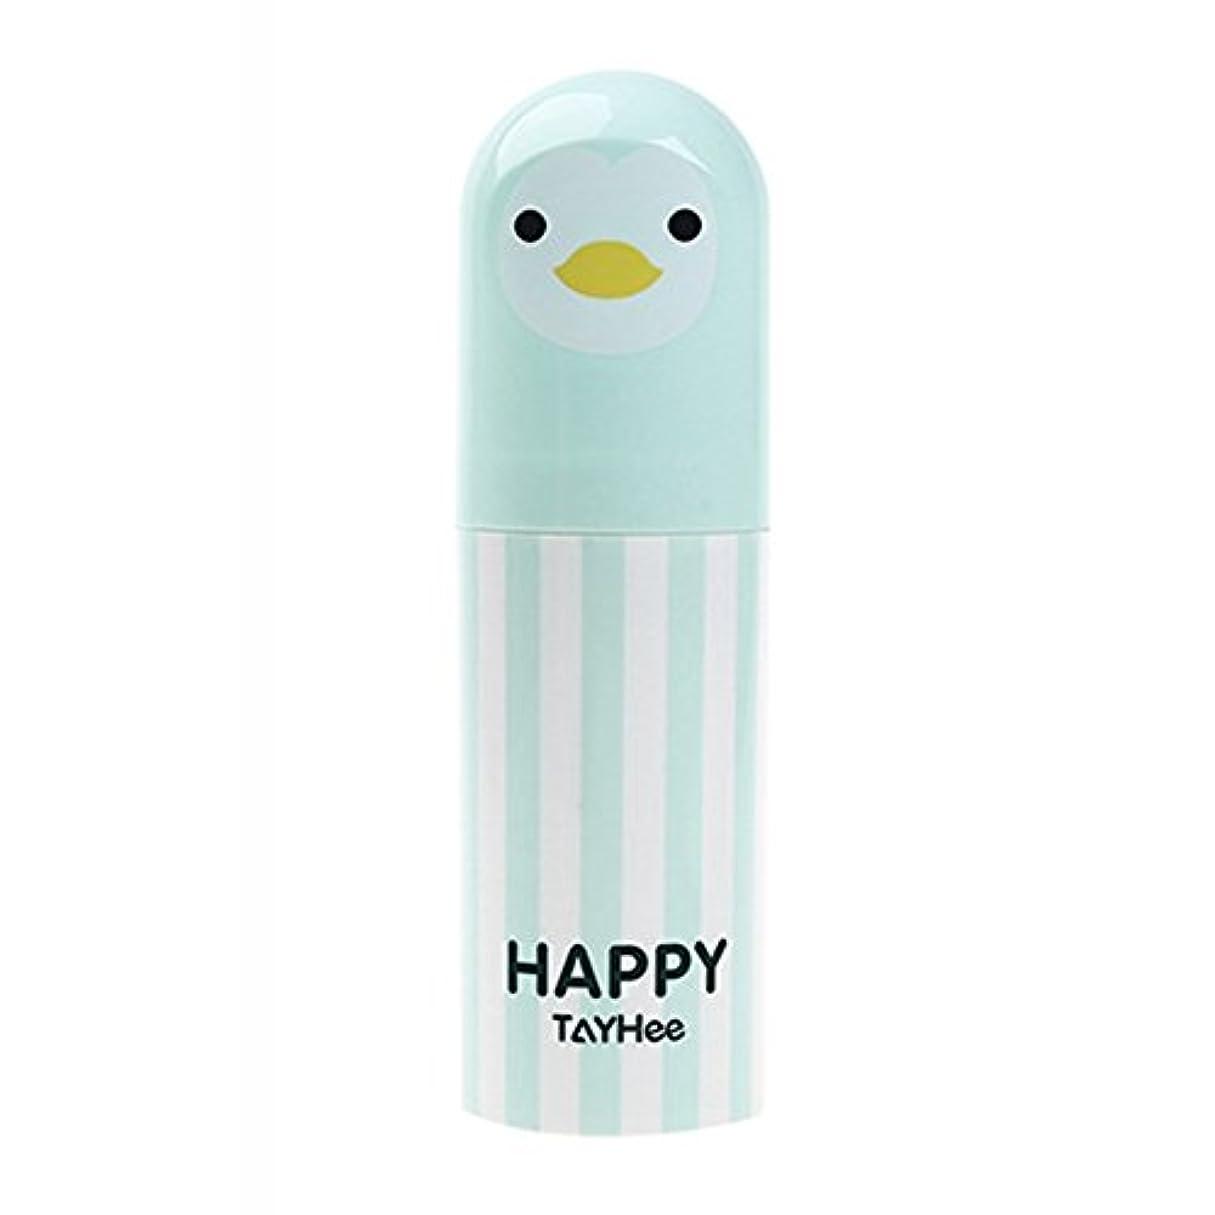 メアリアンジョーンズ商人医療のpotato001ポータブル可愛い漫画ペンギン歯ブラシ歯磨き粉ホルダー旅行ストレージケース one size グリーン N4RJ952917WK10WPO5Z